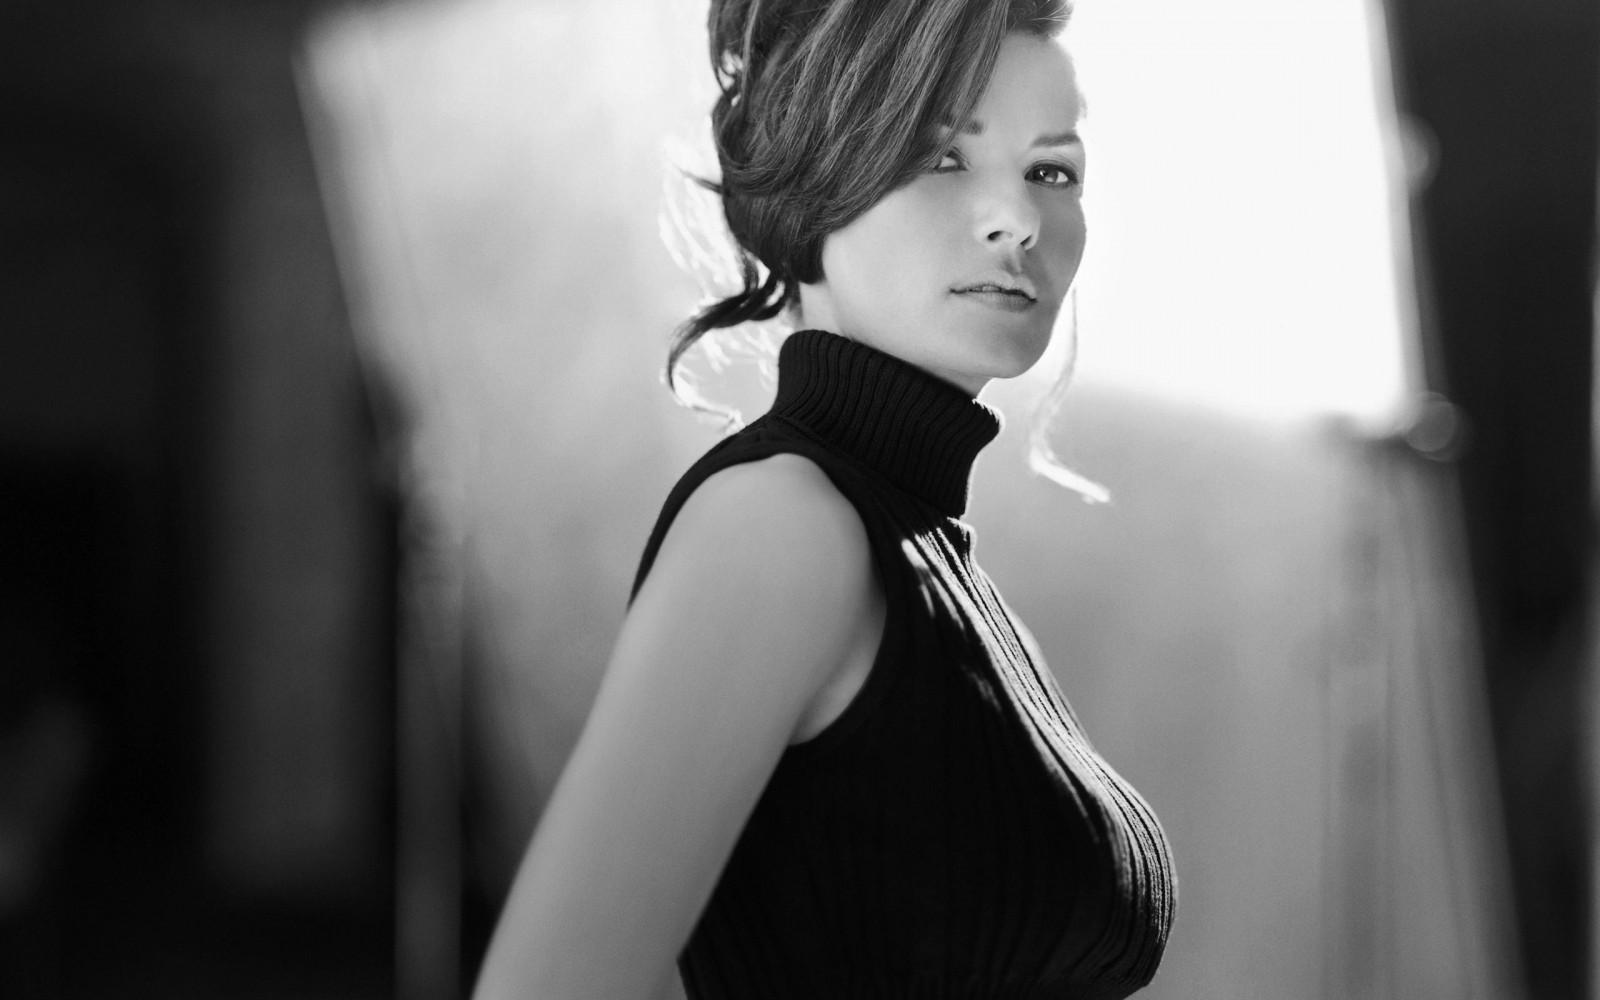 Девушка черно-белые фотографии брюнеток платье просит застегнуть